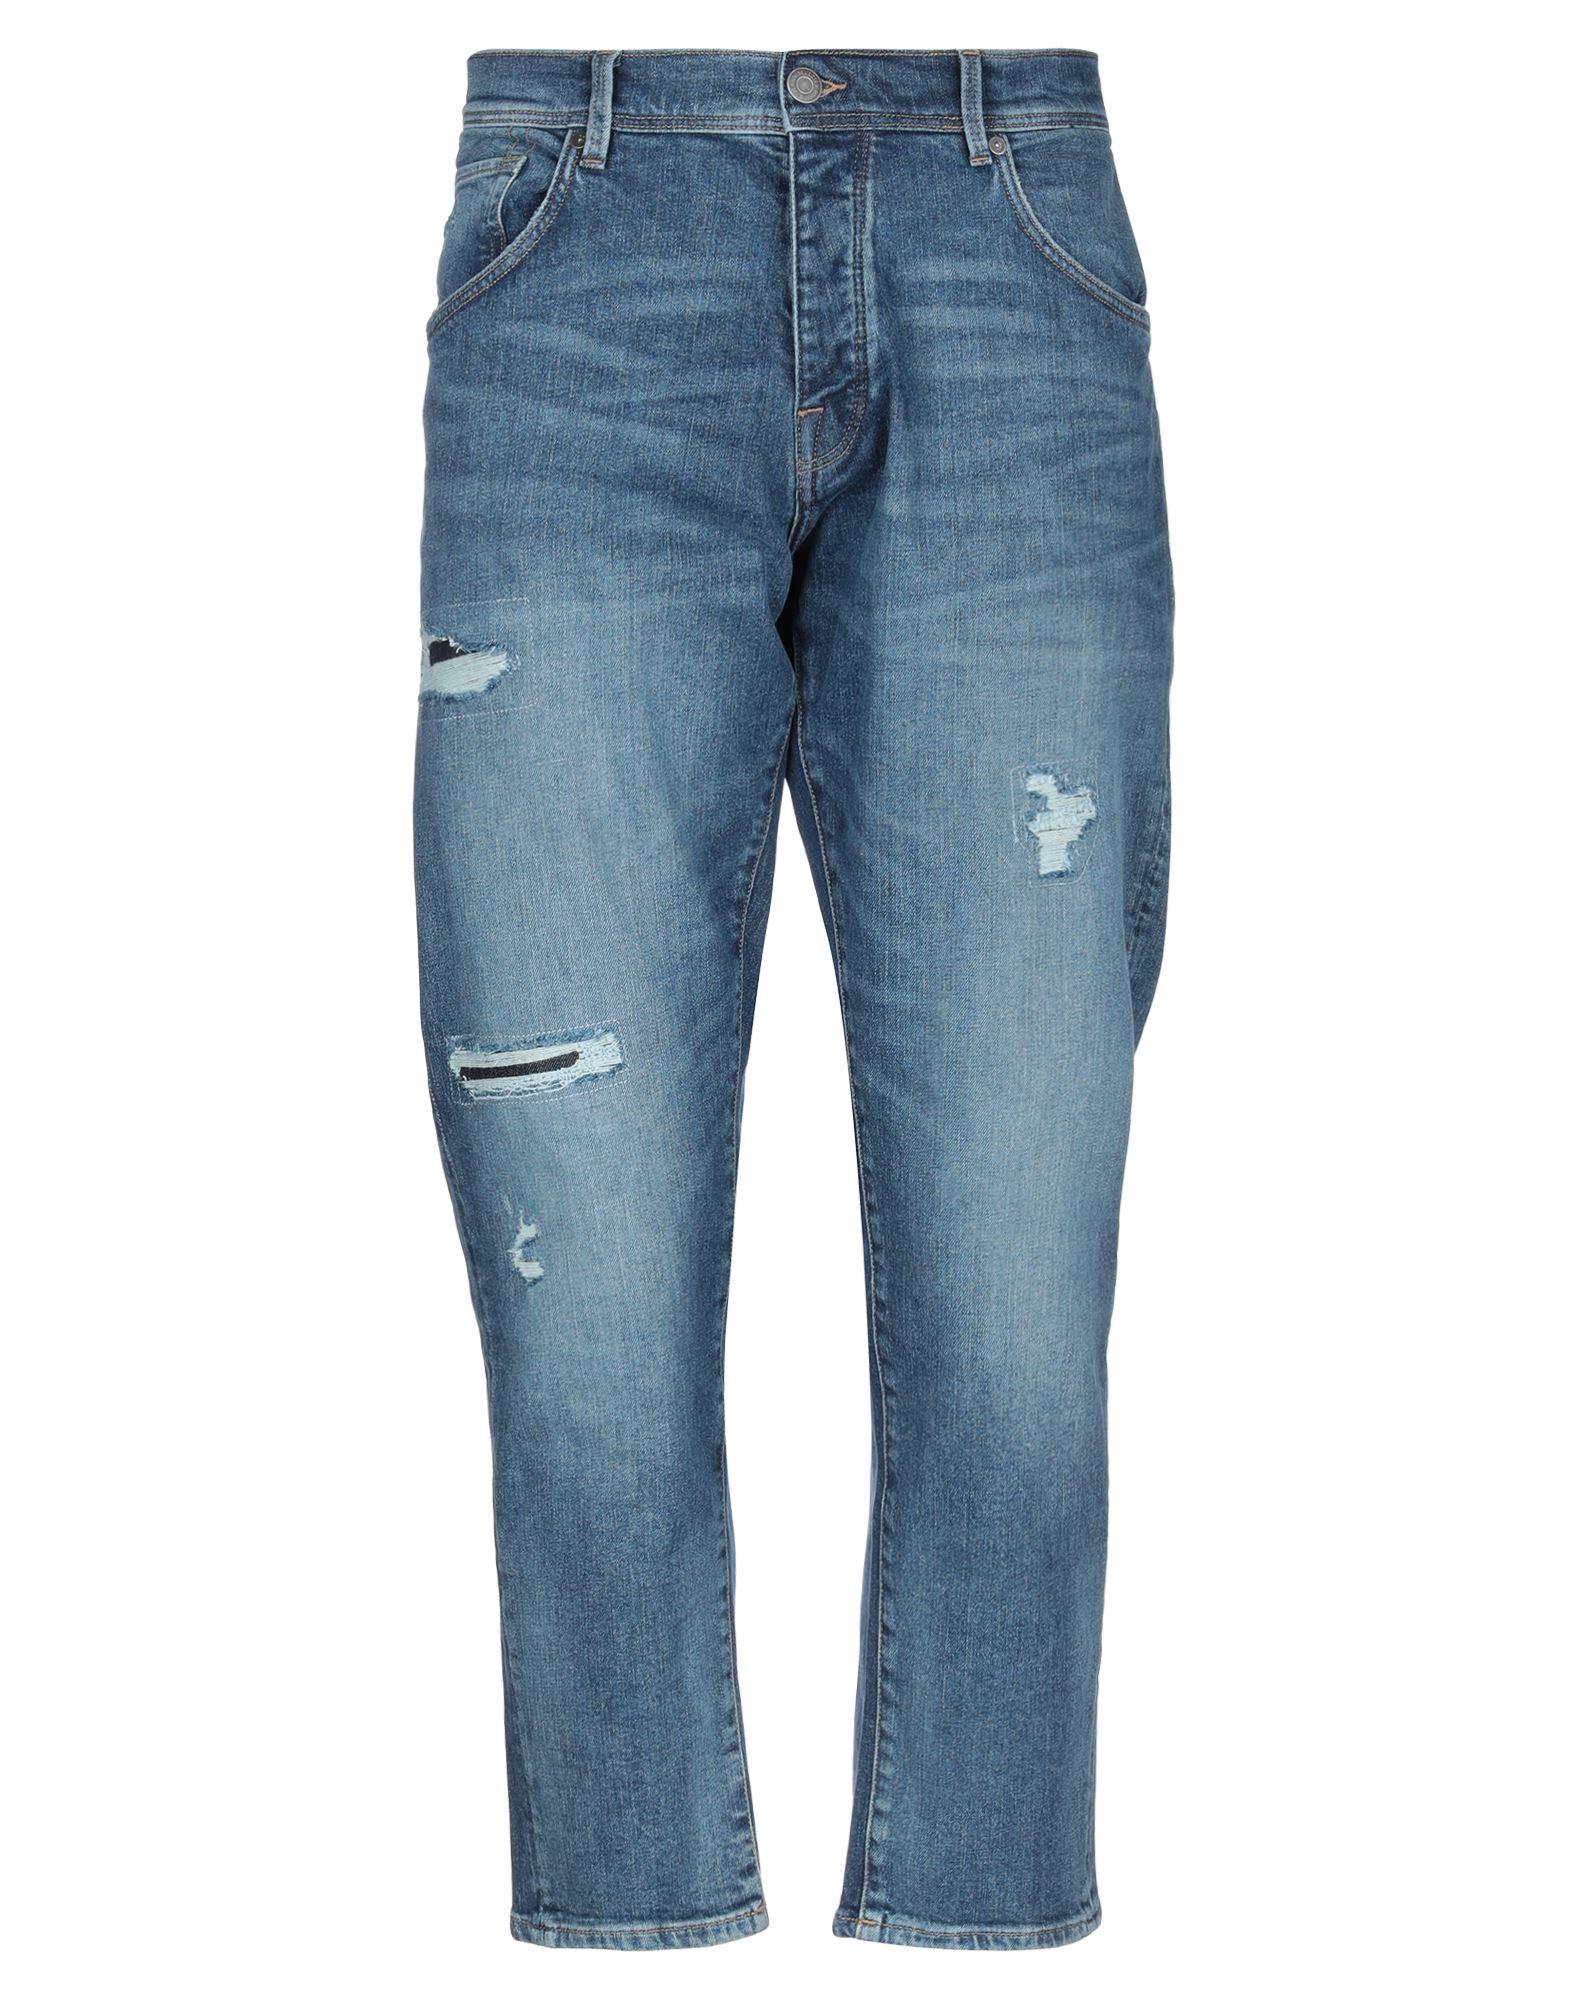 SELECTED HOMME Джинсовые брюки selected homme джинсовые бермуды